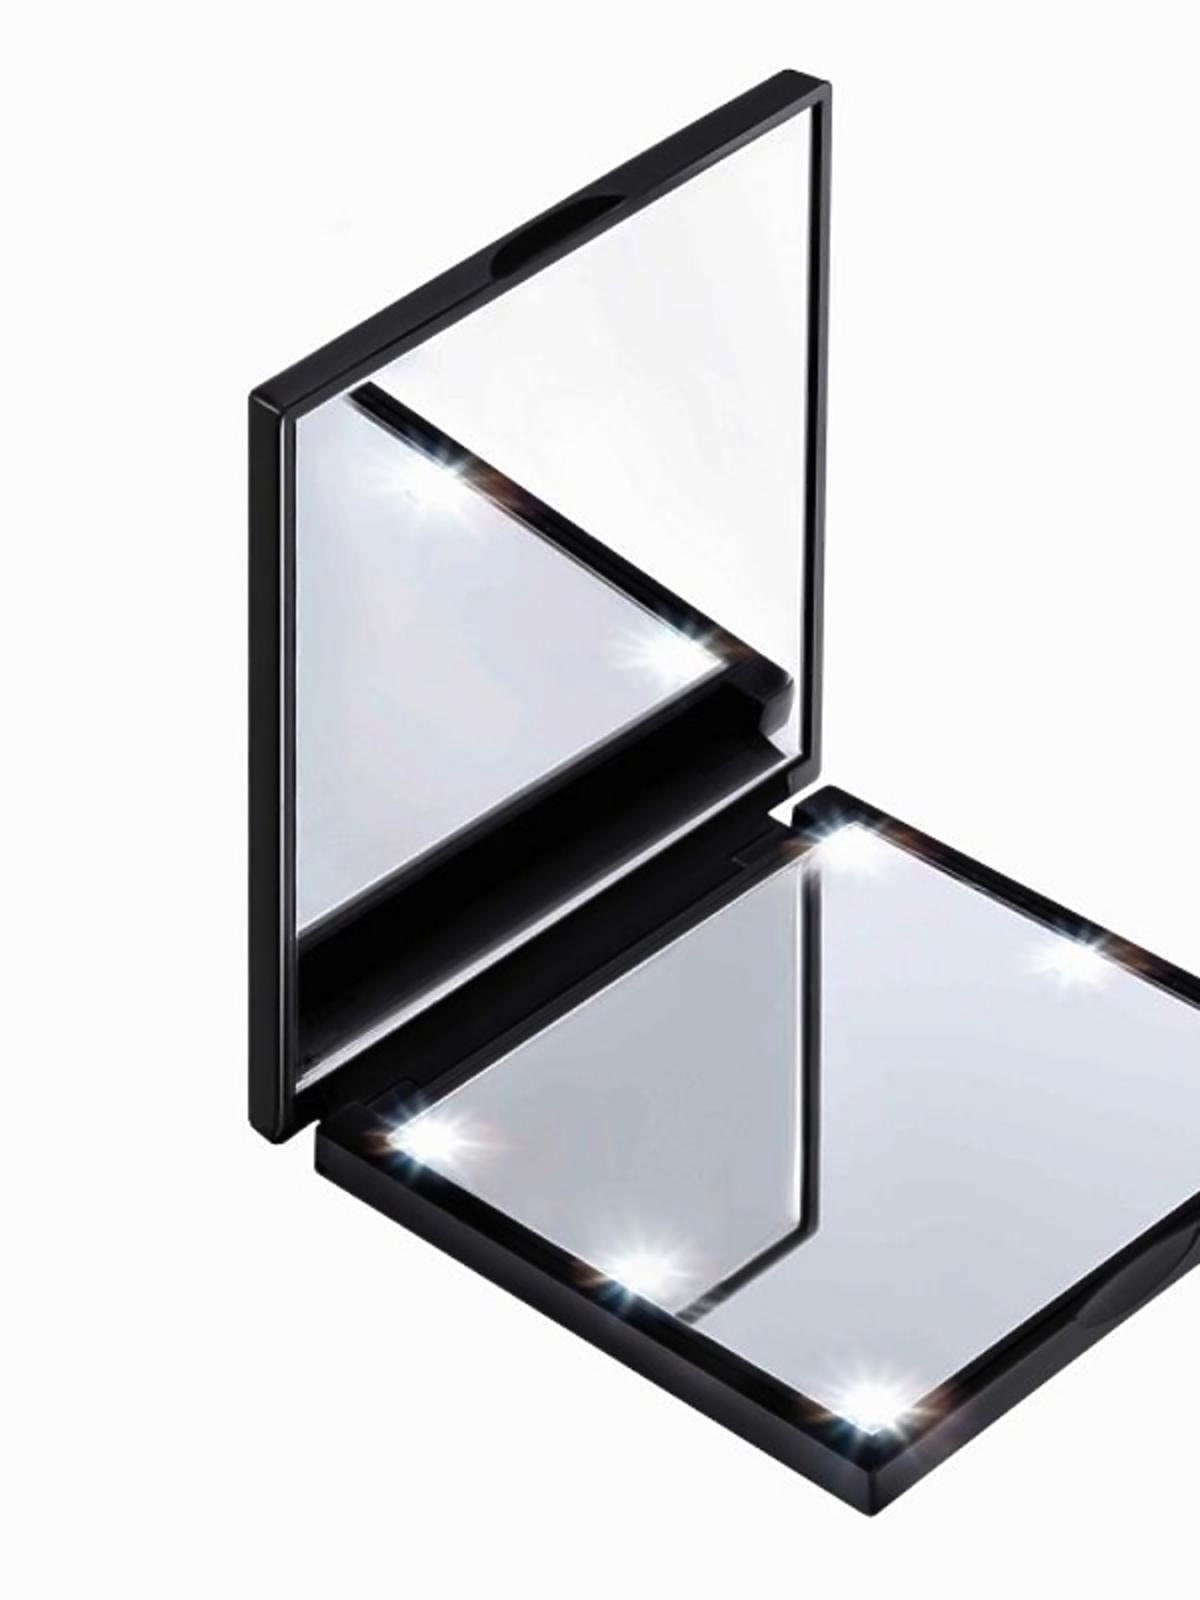 Podświetlane lusterko do torebki Sephora, 59 zł